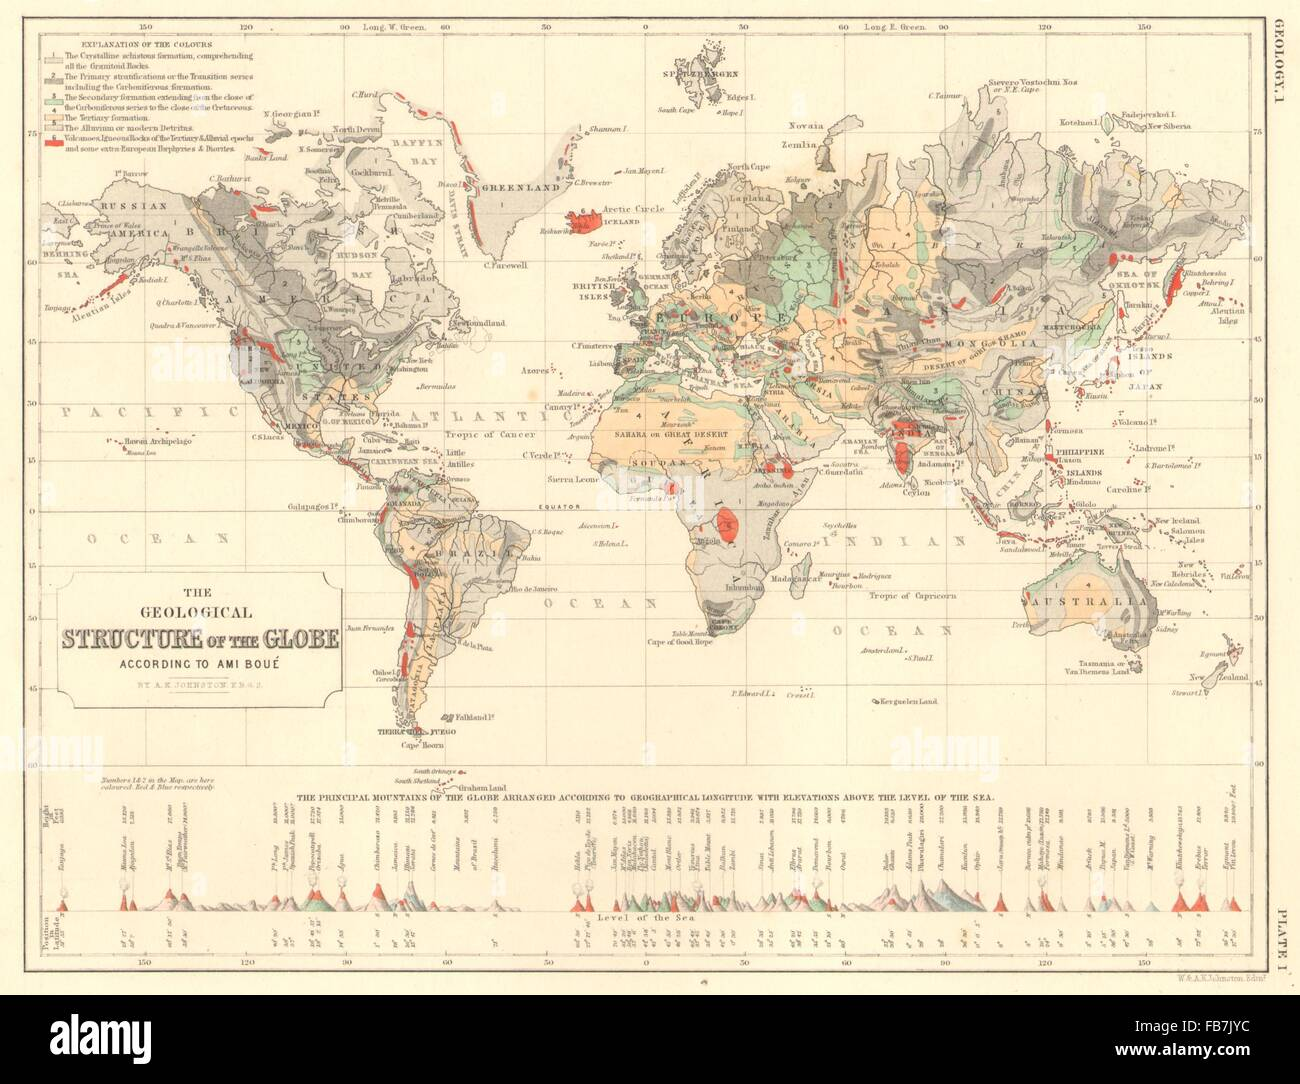 Monde: la structure géologique selon Ami Boue.Principal montagnes, 1850 map Photo Stock